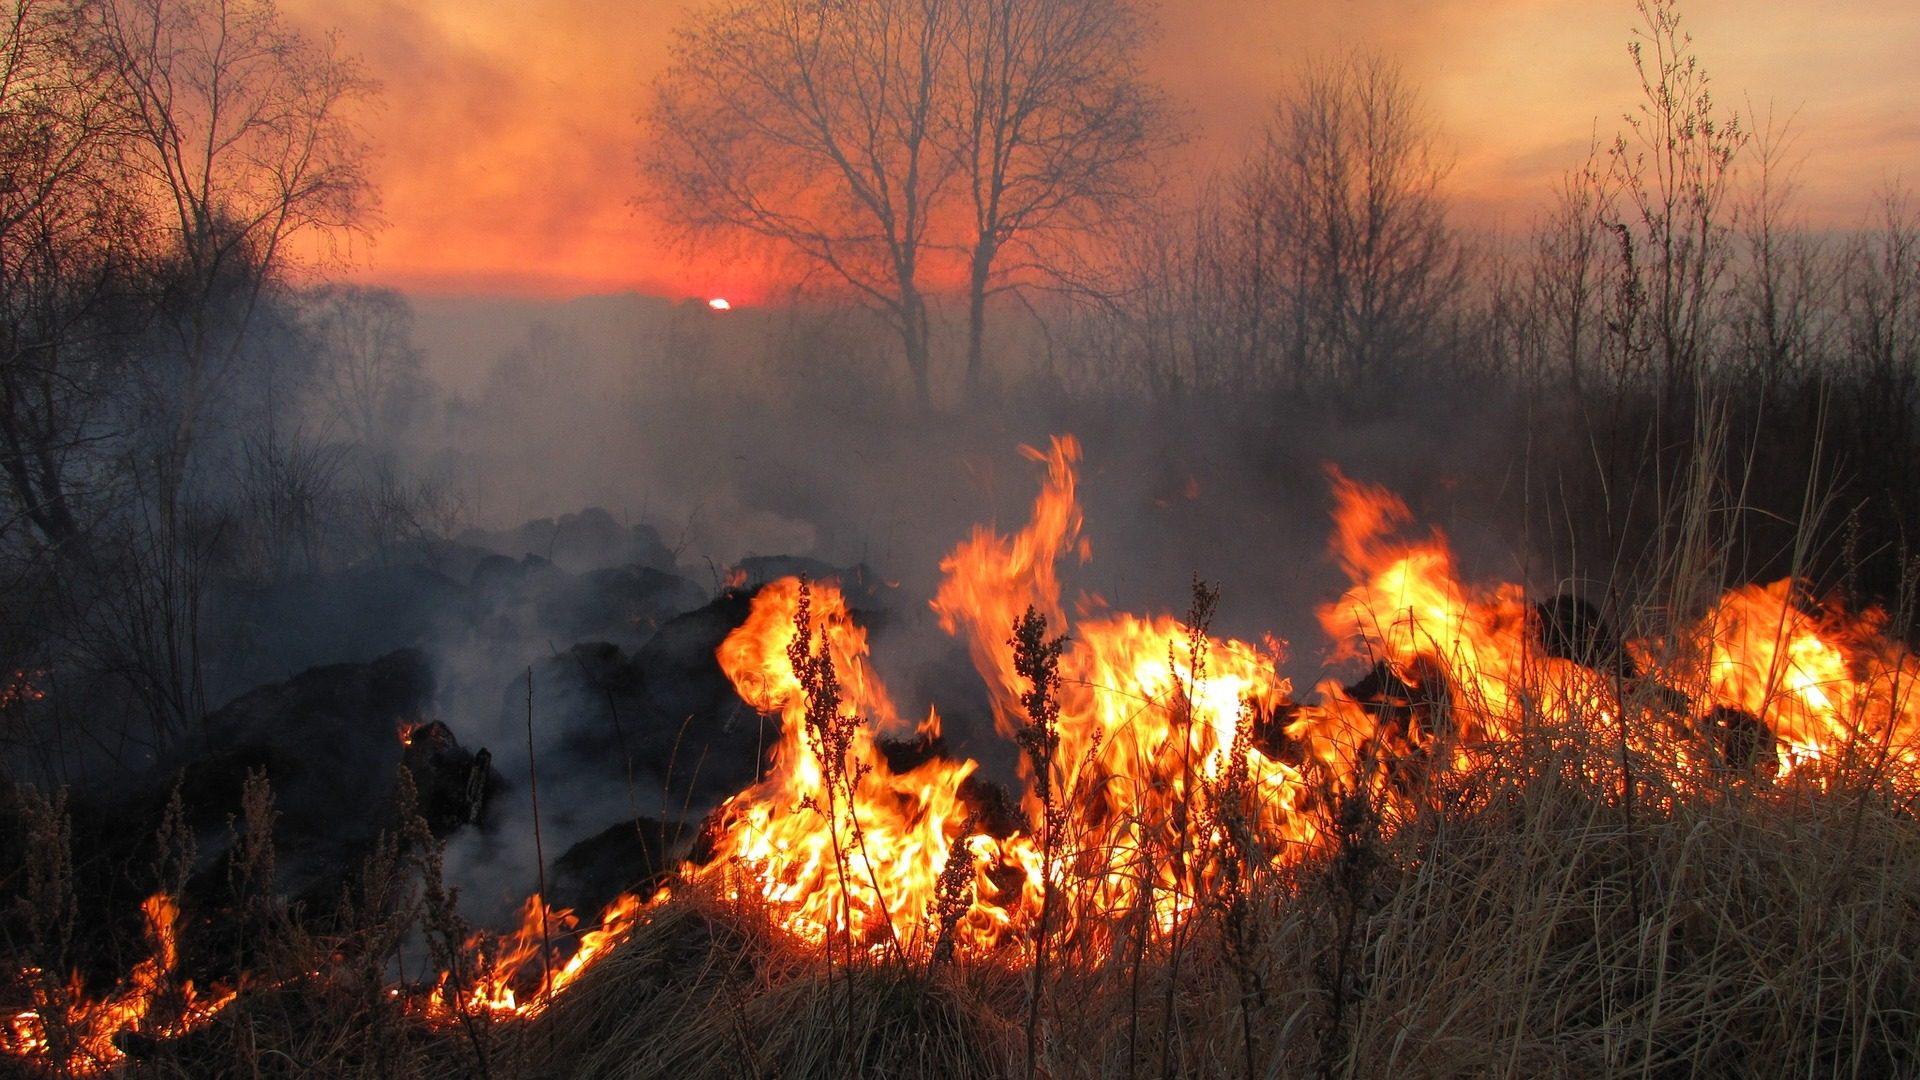 incendio, campo, fuego, llamas, destrucción, árboles - Fondos de Pantalla HD - professor-falken.com